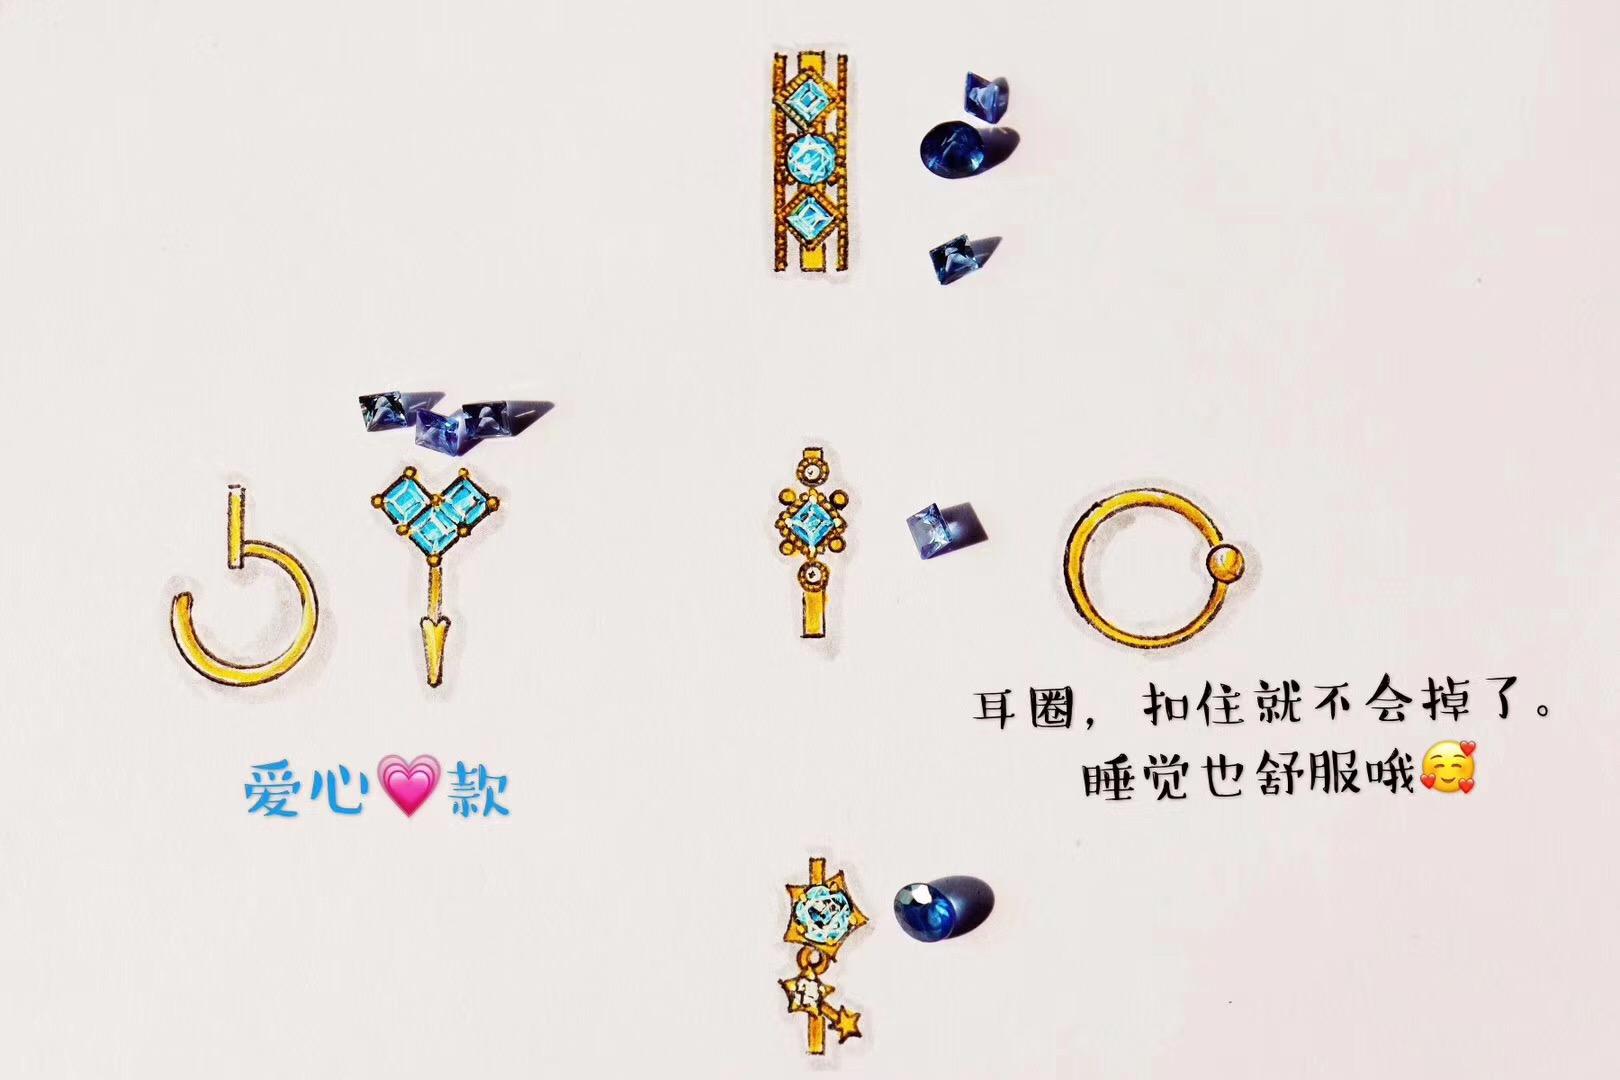 【蓝宝石&皇家蓝 无烧】蓝宝石耳圈,连睡觉都不用拿的舒适款-菩心晶舍